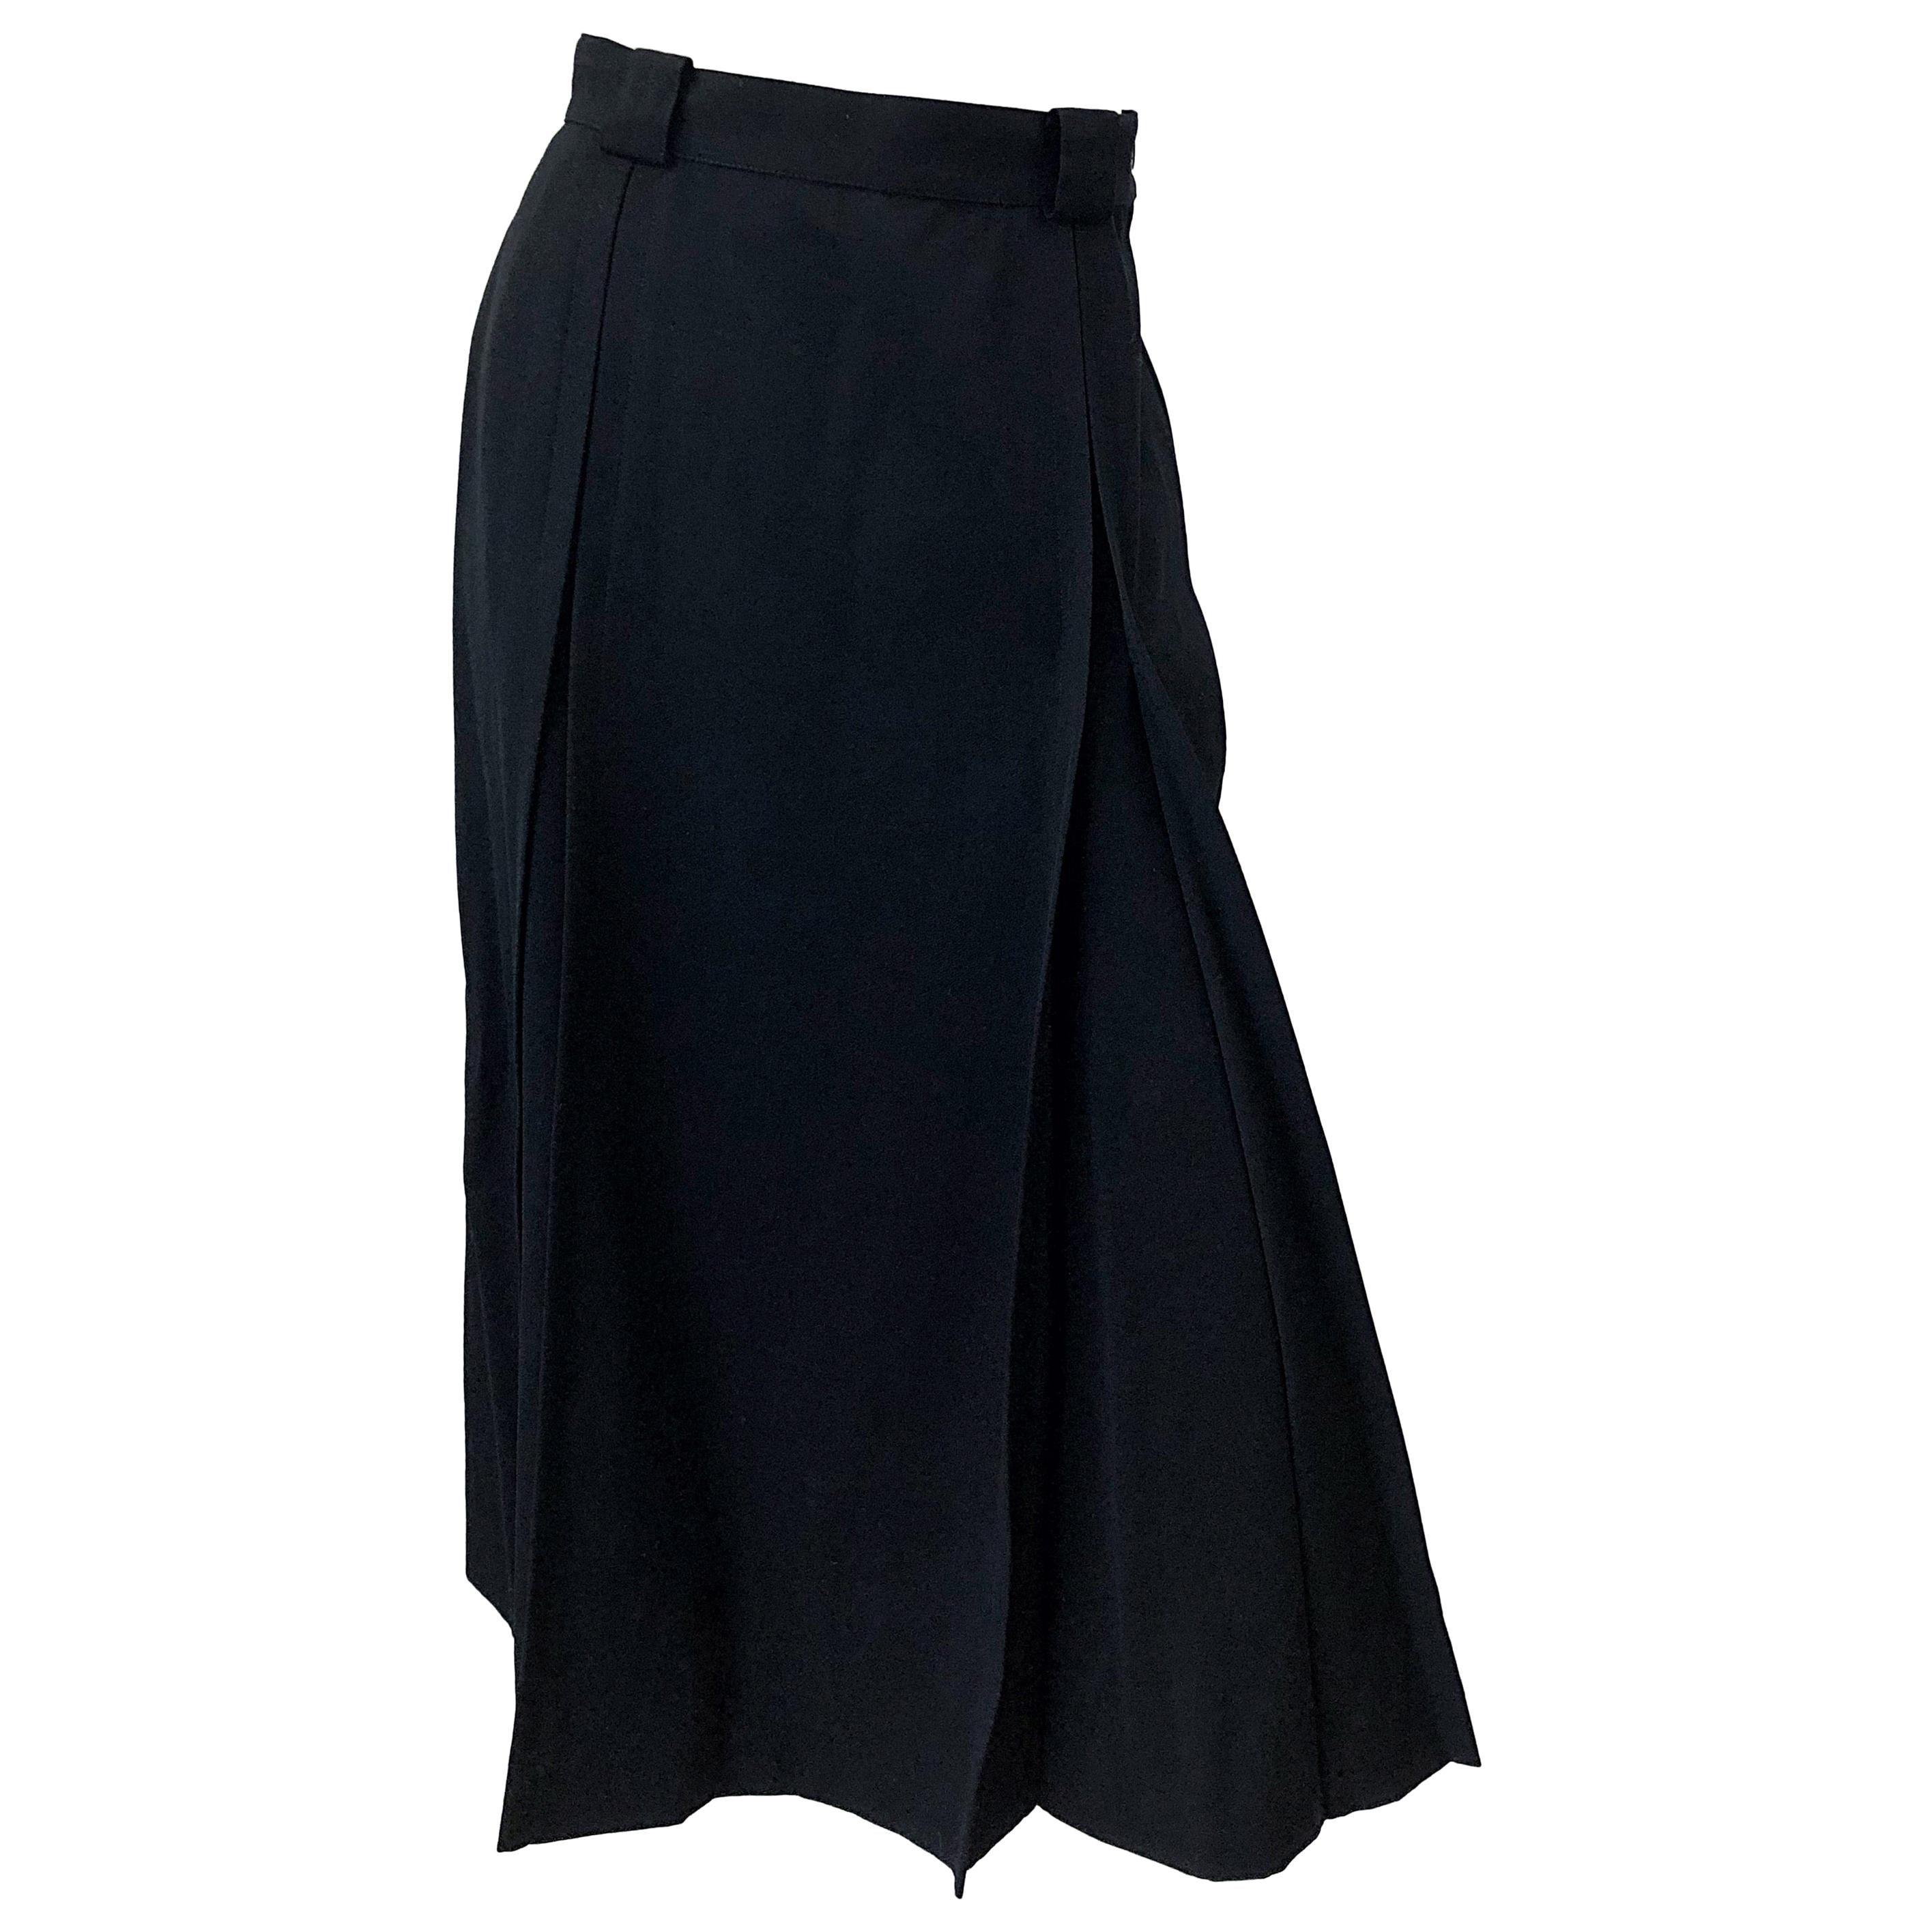 Gucci 1970s Size 42 / US 6 Black Gabardine Wool Vintage 70s Pleated Midi Skirt